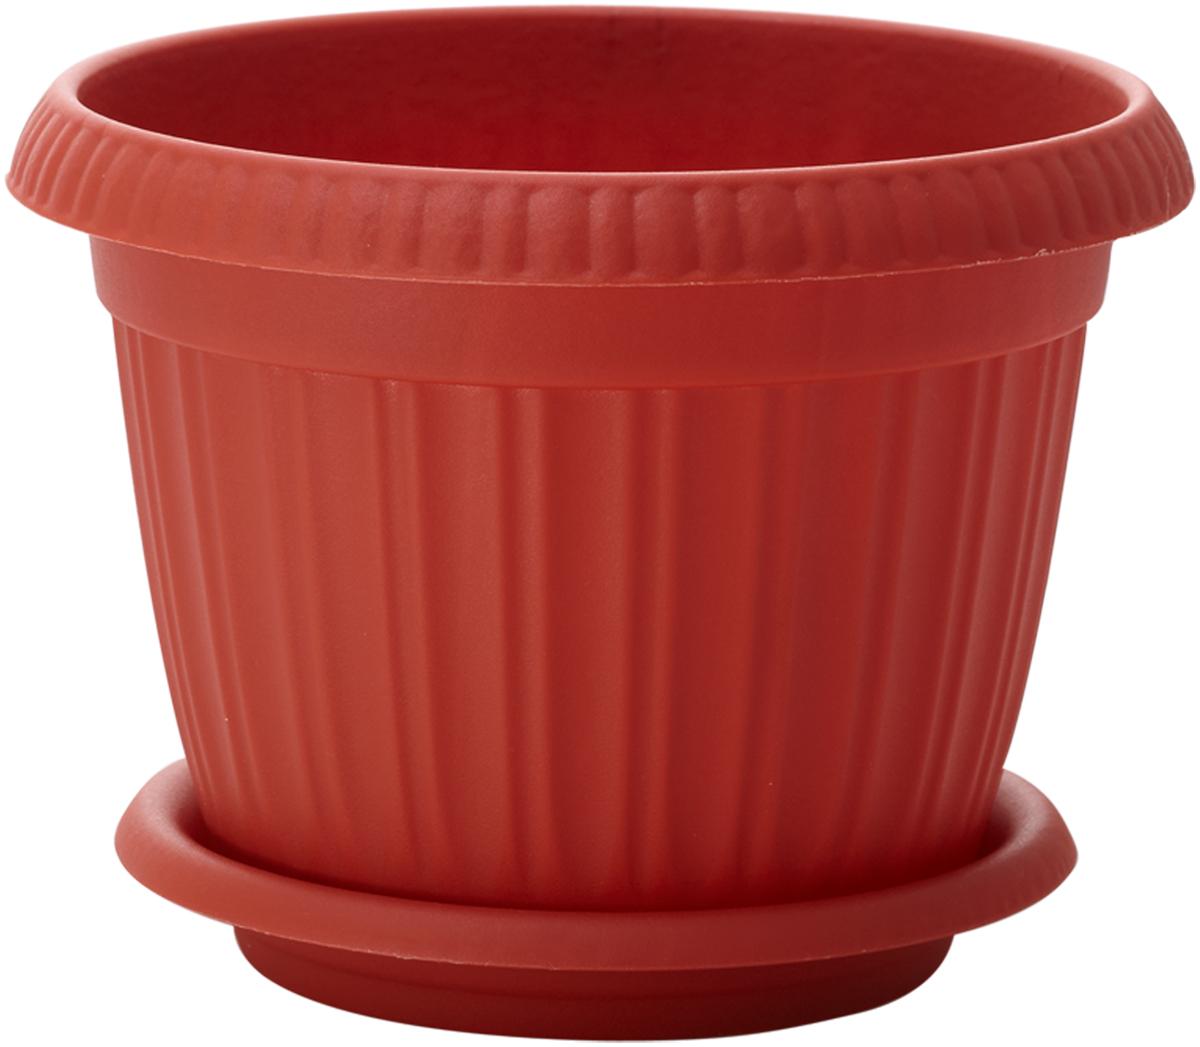 Горшок для цветов InGreen Таити, с подставкой, цвет: терракотовый, диаметр 18 смING41018FТРГоршок InGreen Таити выполнен из высококачественного полипропилена (пластика) и предназначен для выращивания цветов, растений и трав. Снабжен подставкой для стока воды. Такой горшок порадует вас функциональностью, а благодаря лаконичному дизайну впишется в любой интерьер помещения. Диаметр горшка (по верхнему краю): 18 см. Высота горшка: 13,8 см.